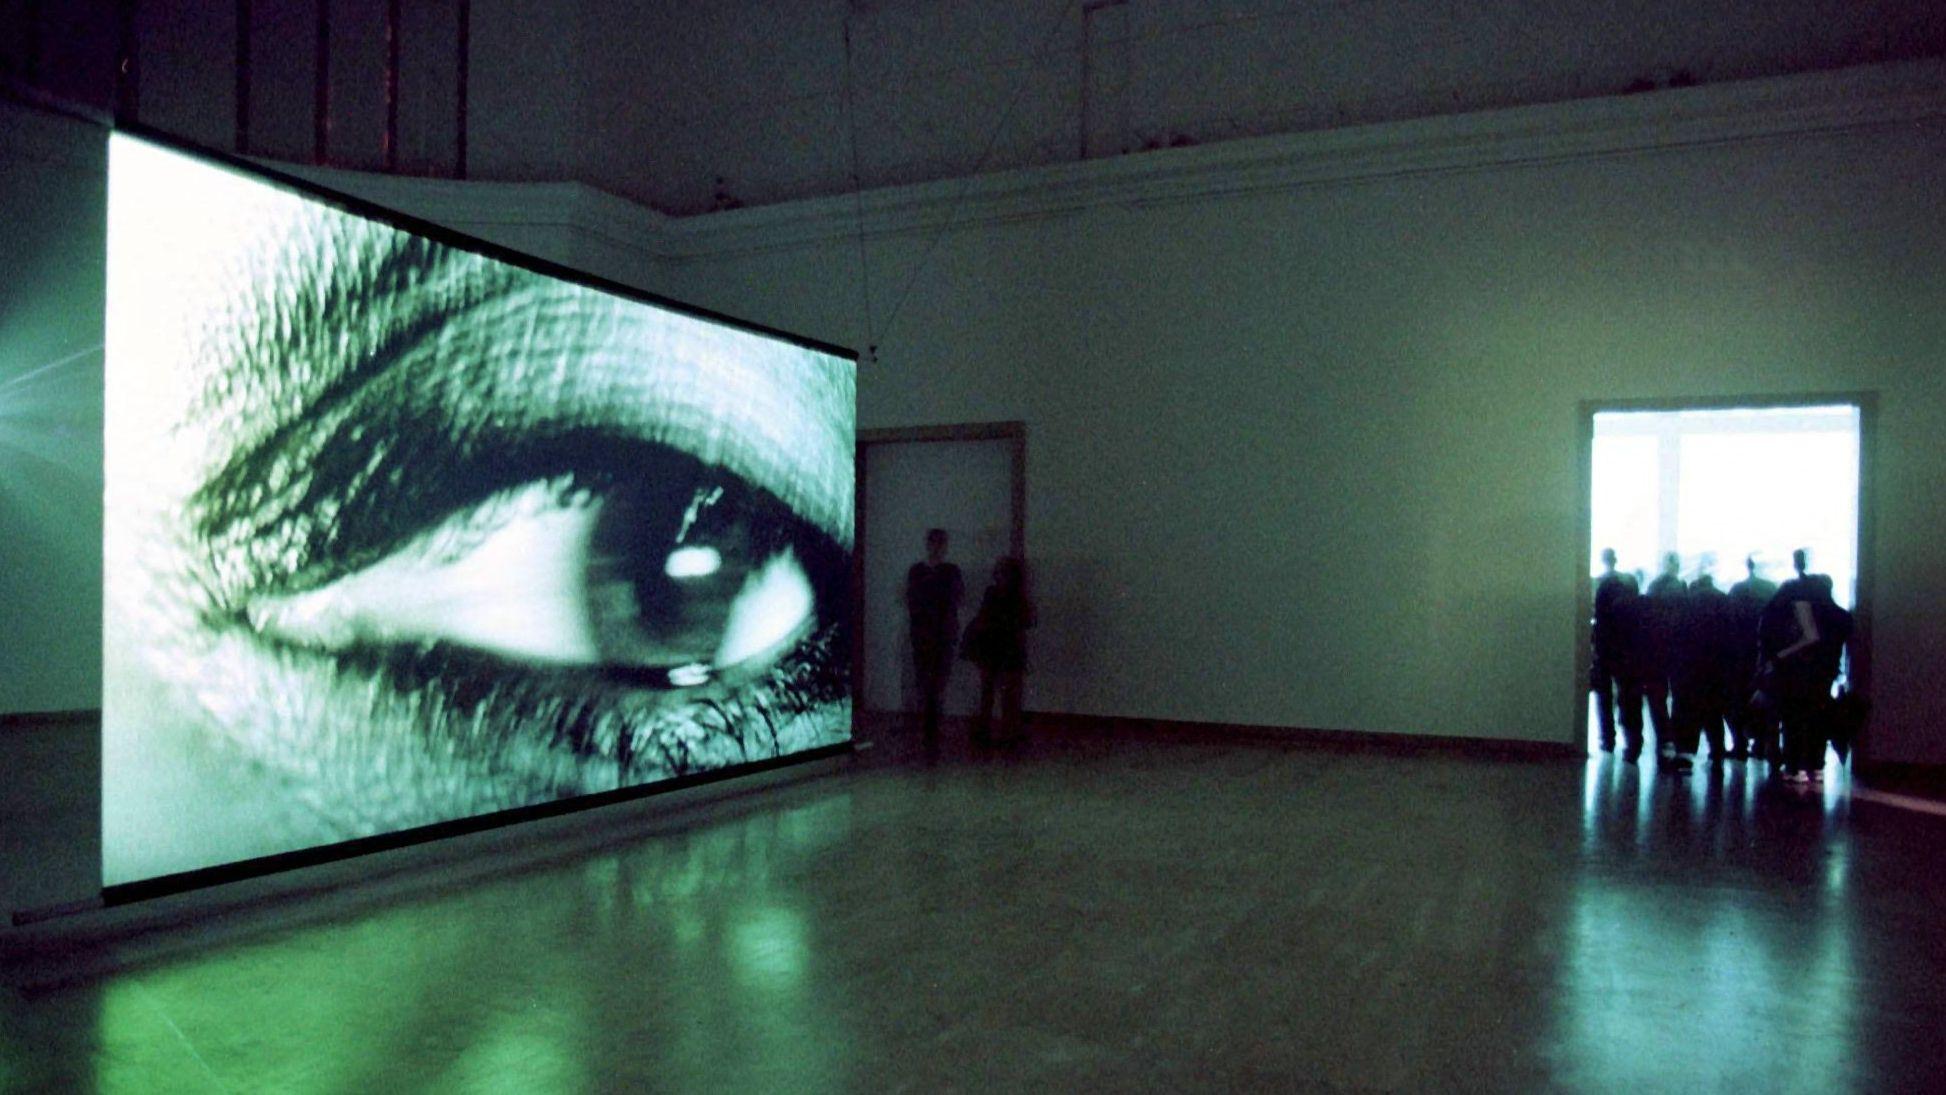 Der deutsche Pavillon 1999: Rosemarie Trockel zeigt eine einstündige Videoinstallation, die sieben Frauenaugen im Großformat zeigt.